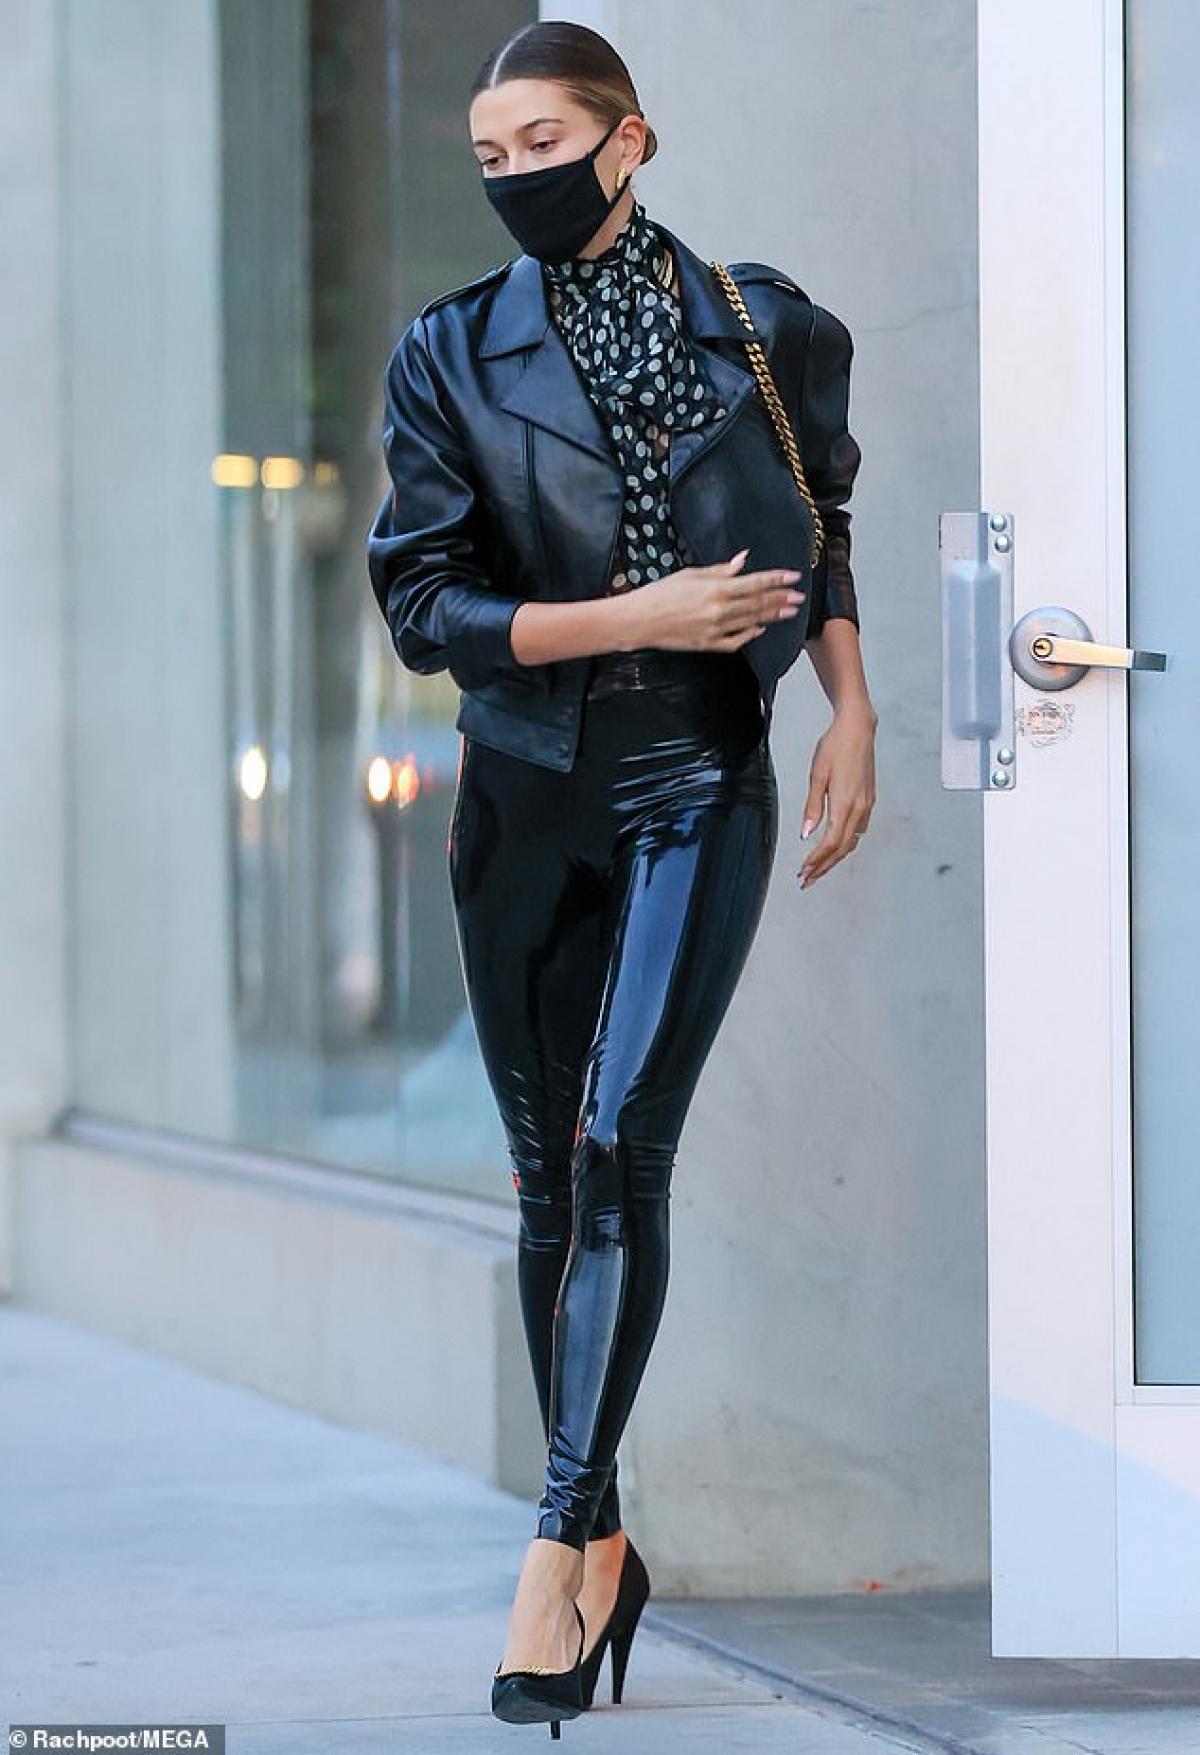 Bà xã Justin Bieber được thu hút bởi vẻ ngoài cá tính cùng gu thời trang sang chảnh, đẳng cấp.